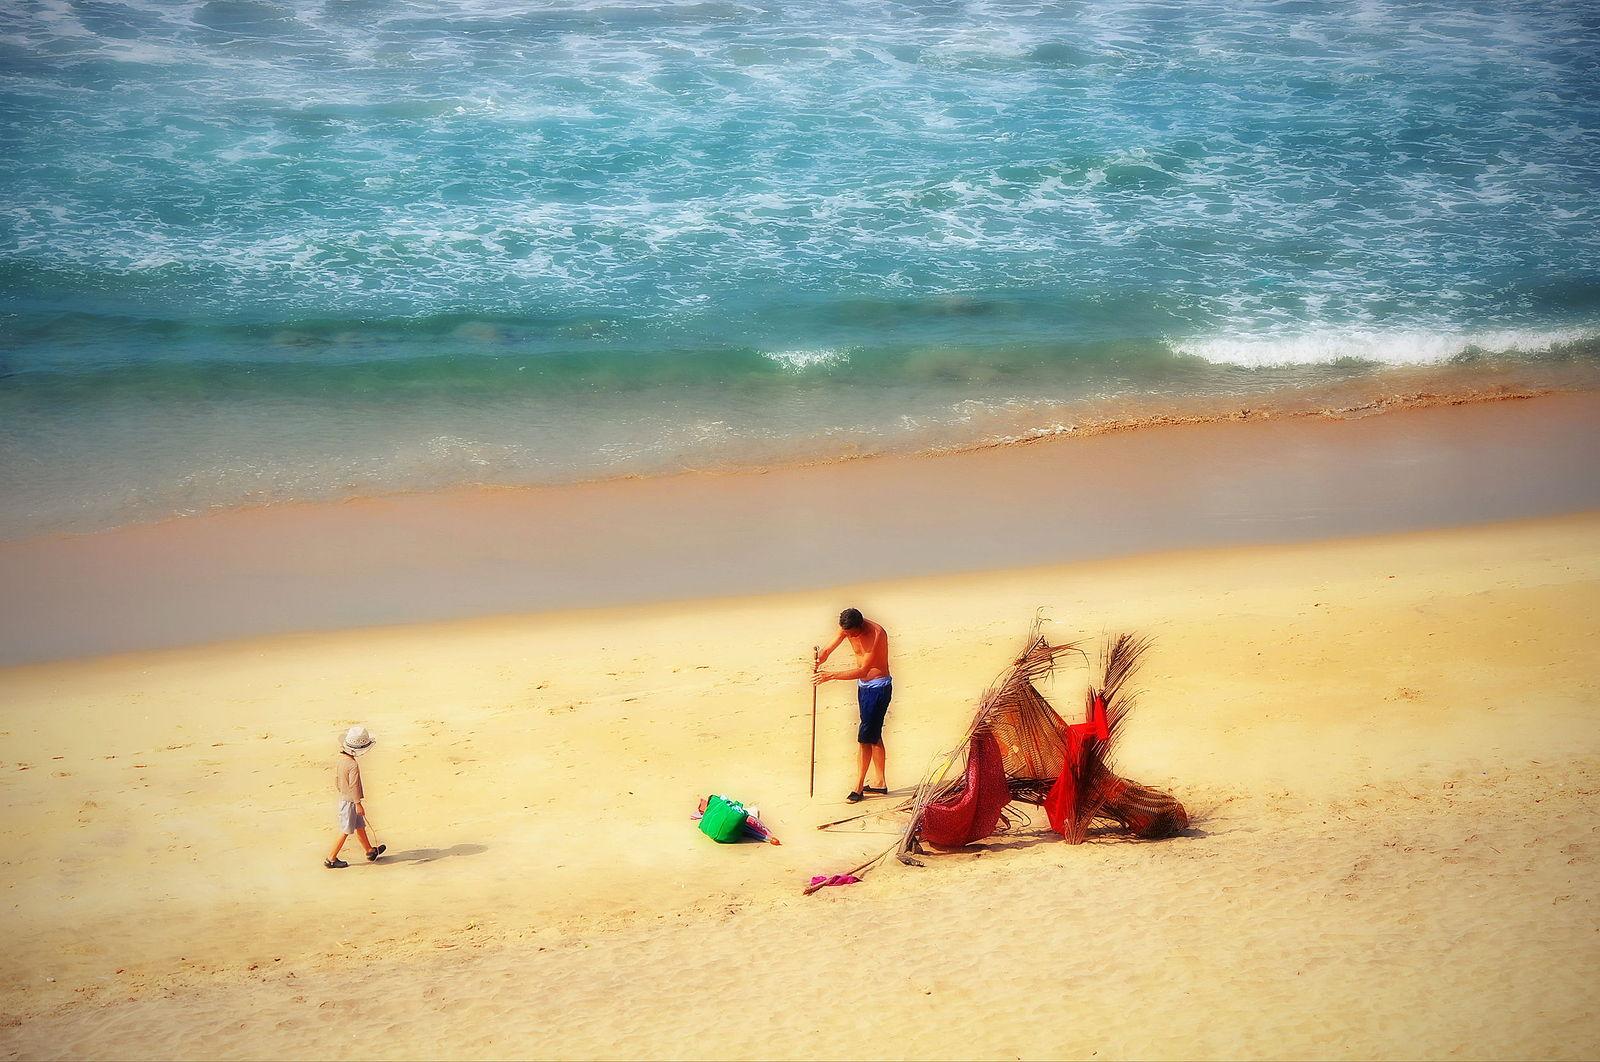 мой аравийское море фото туристов зашли фотострану, вас